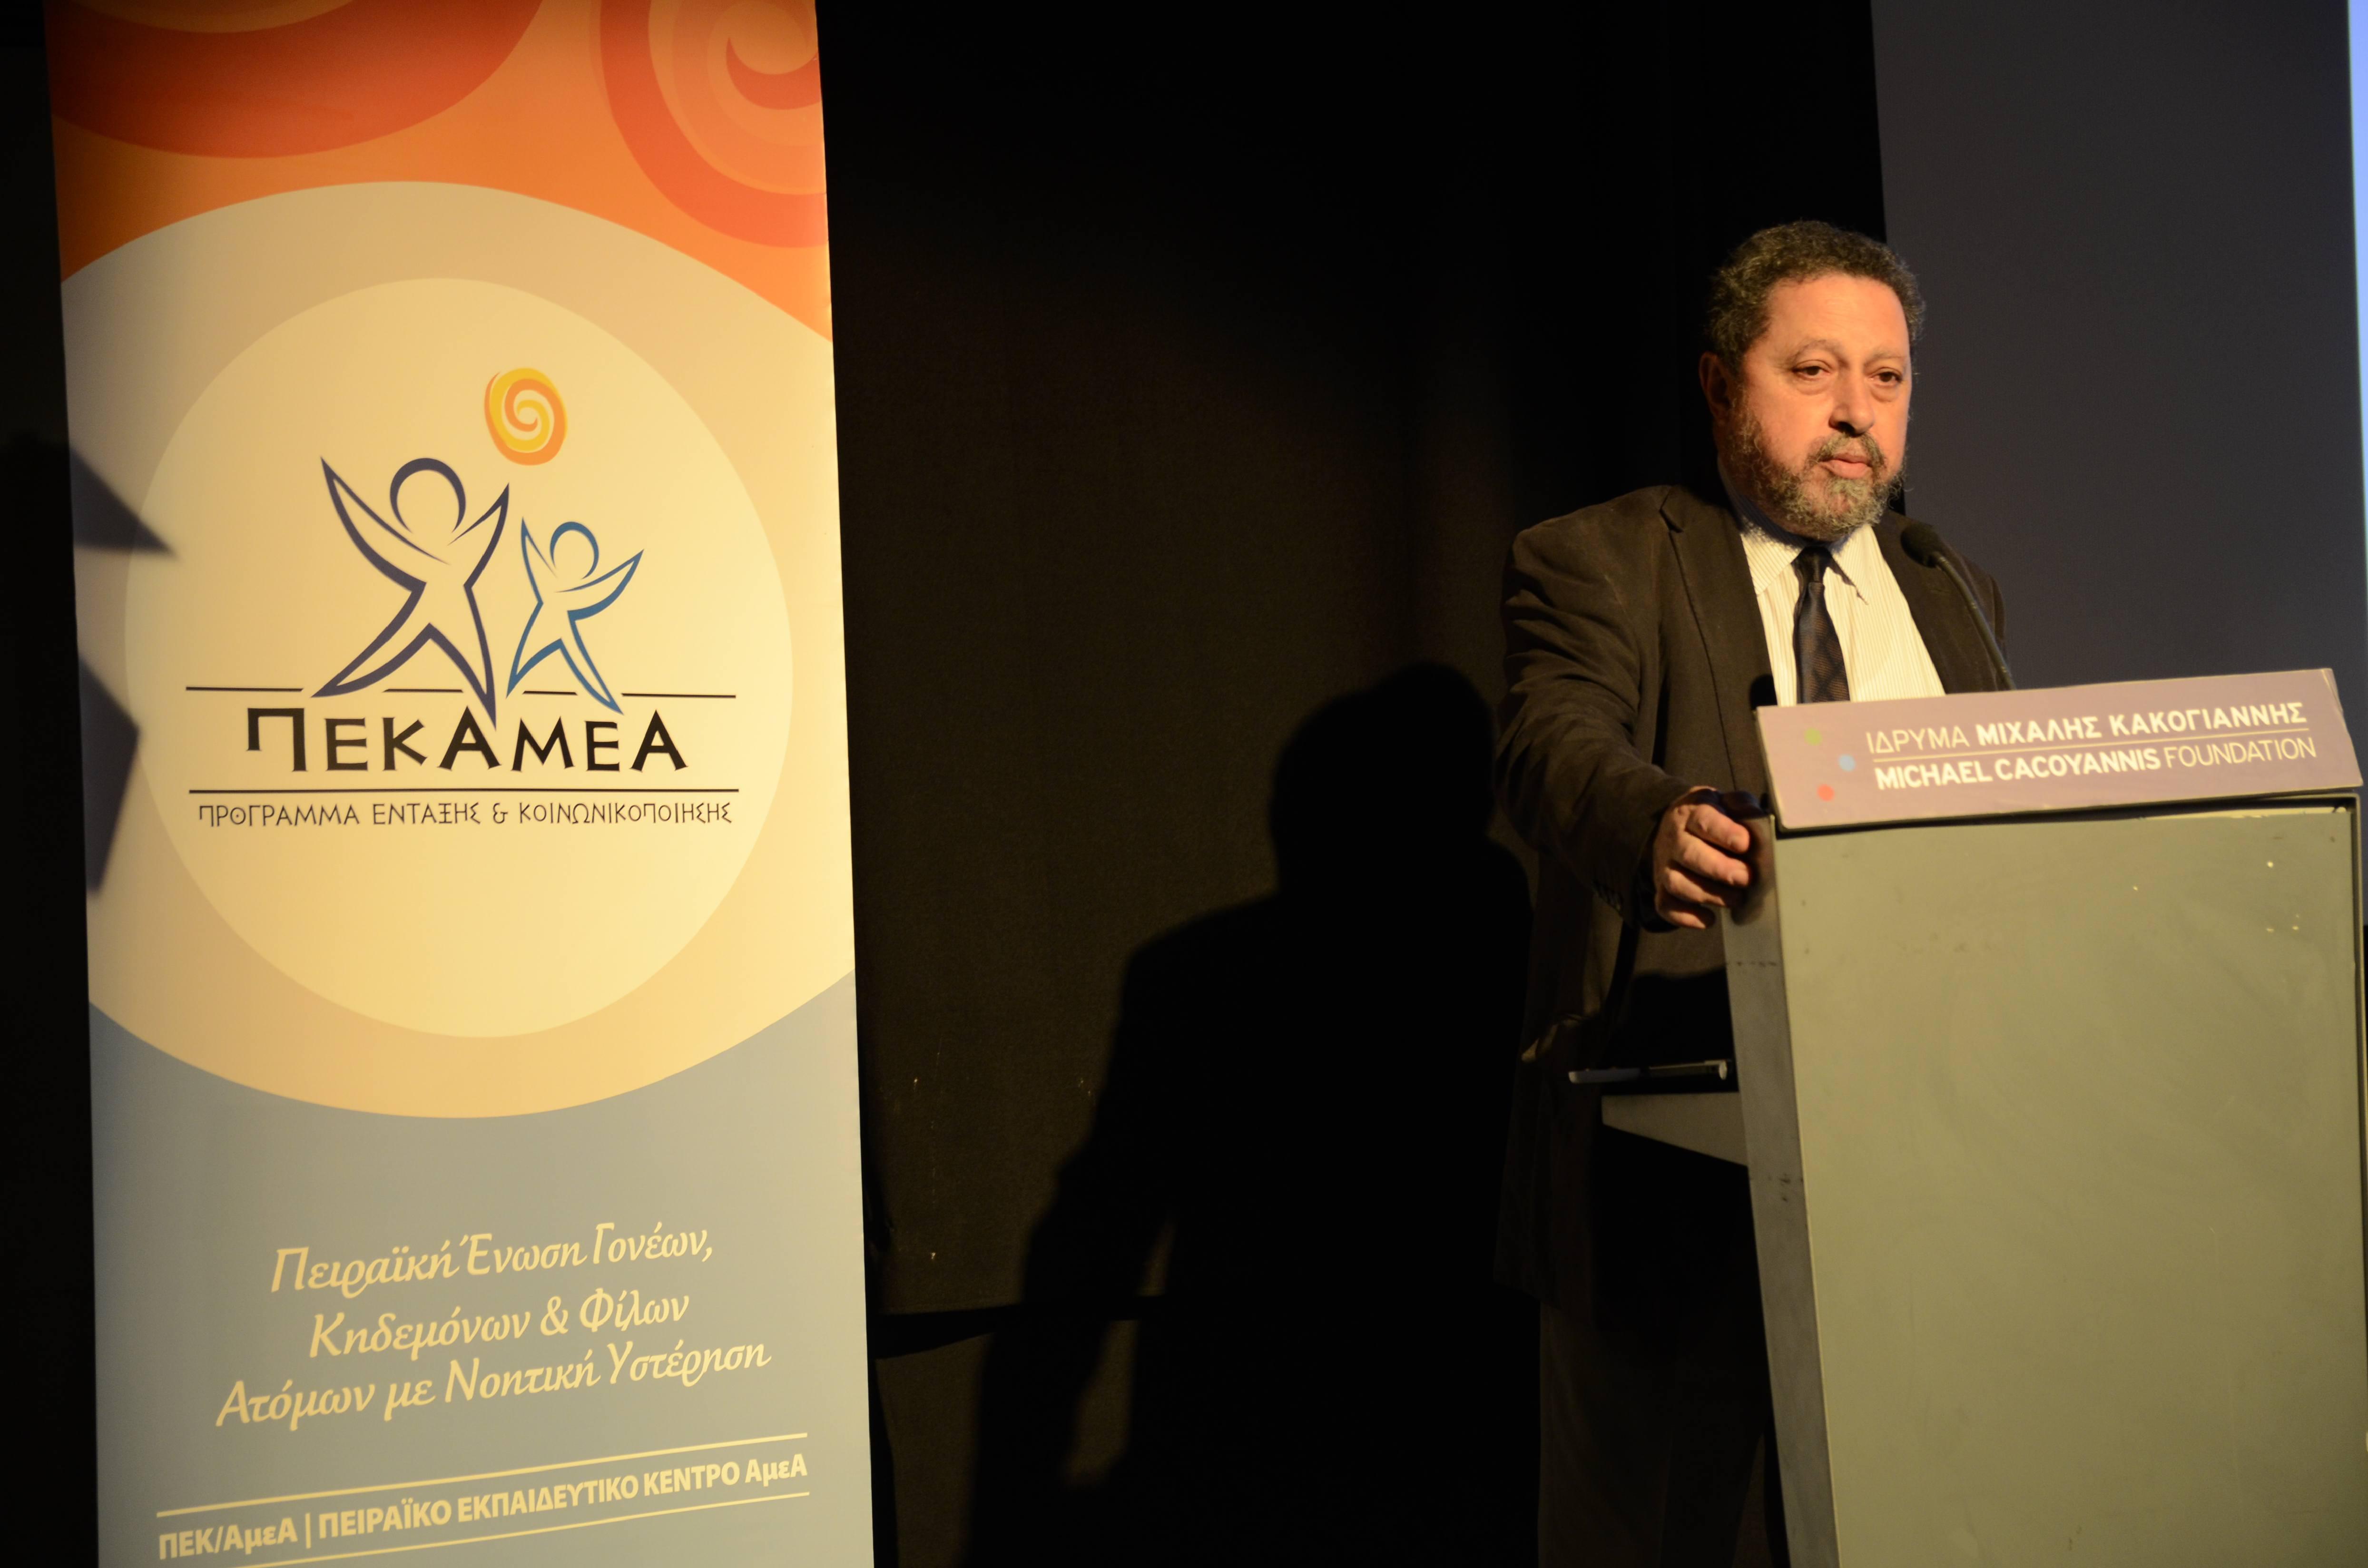 Ο κος Μάρκος Λουκογιαννάκης, Γενικός Διευθυντής - Συμβούλιο ΣΕΒ για τη Βιώσιμη Ανάπτυξη, απευθύνει χαιρετισμό